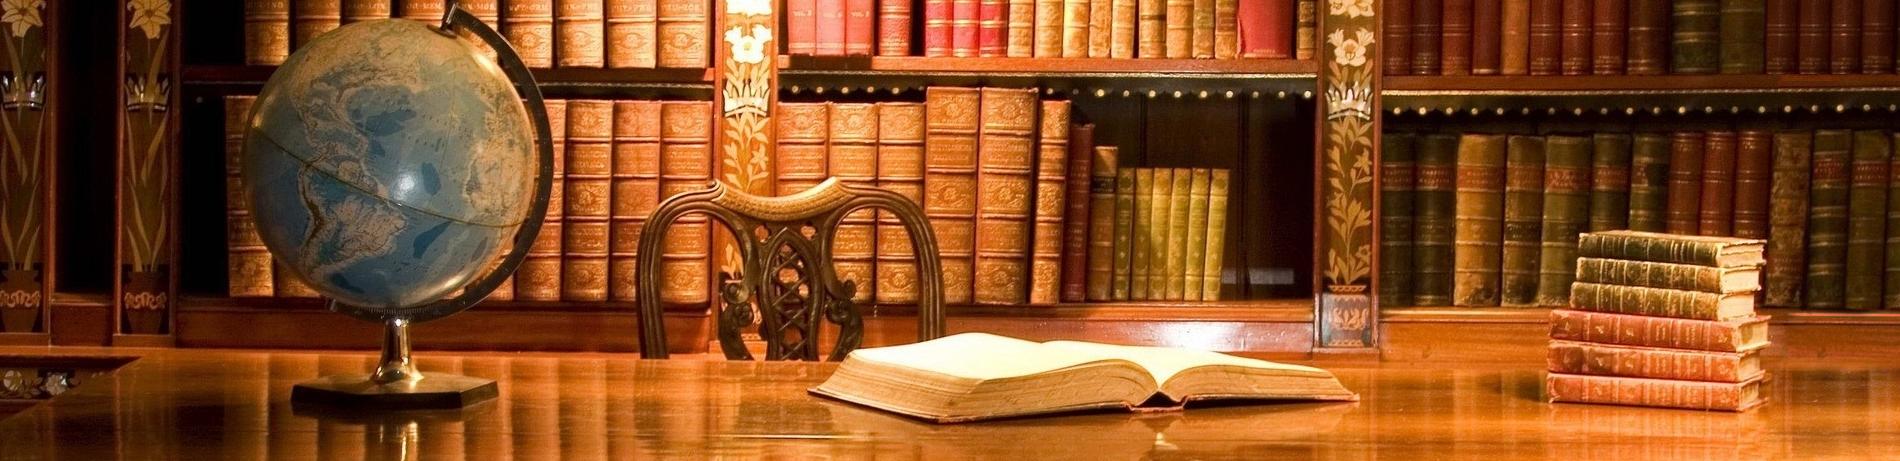 Массив законодательства и прикладной литературы, необходимый недропользователю